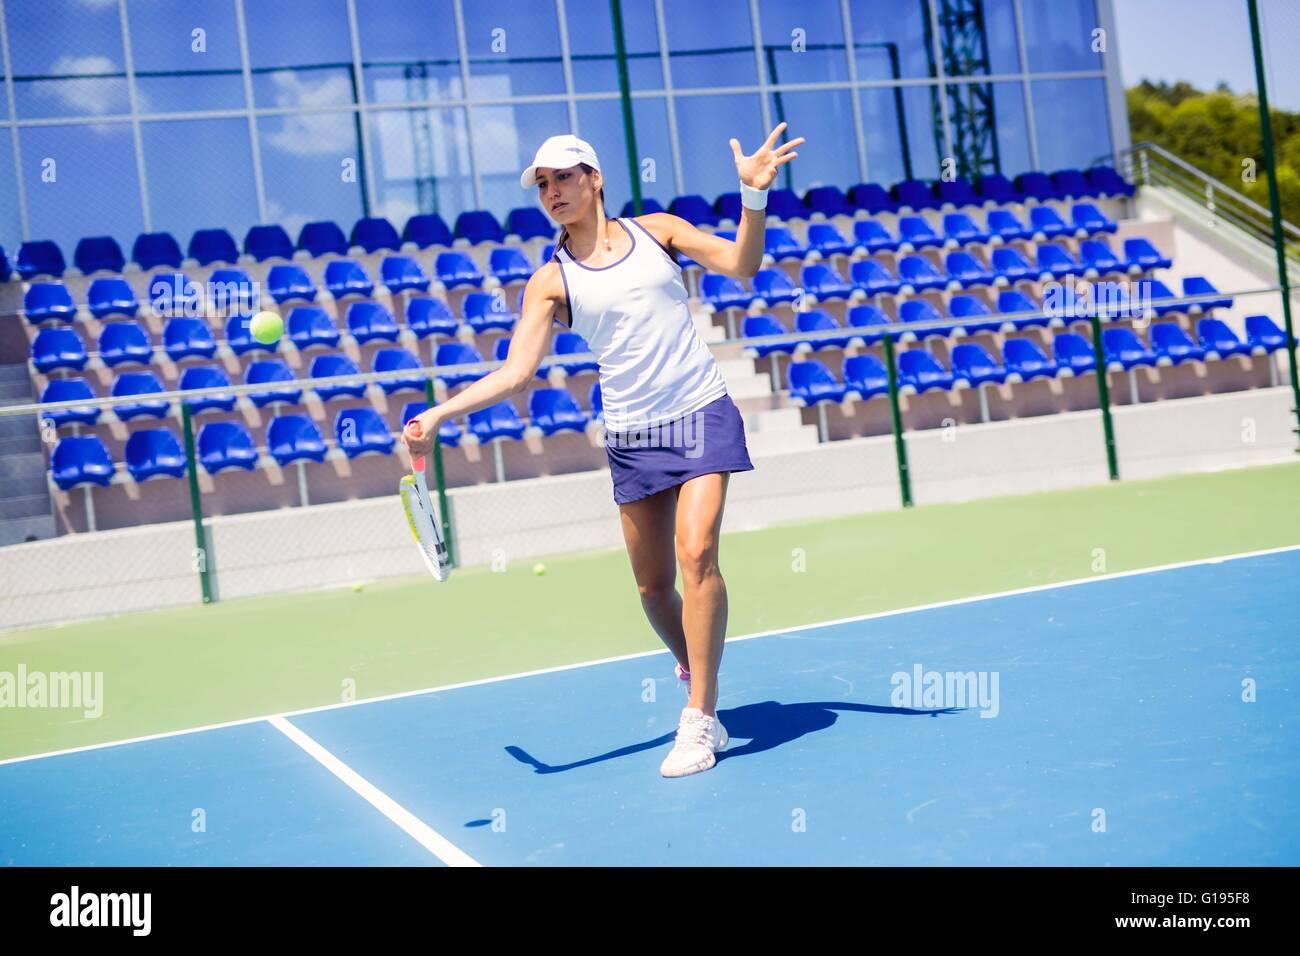 Schöne weibliche Tennisspieler in Aktion, schlagen eine Vorhand Stockbild